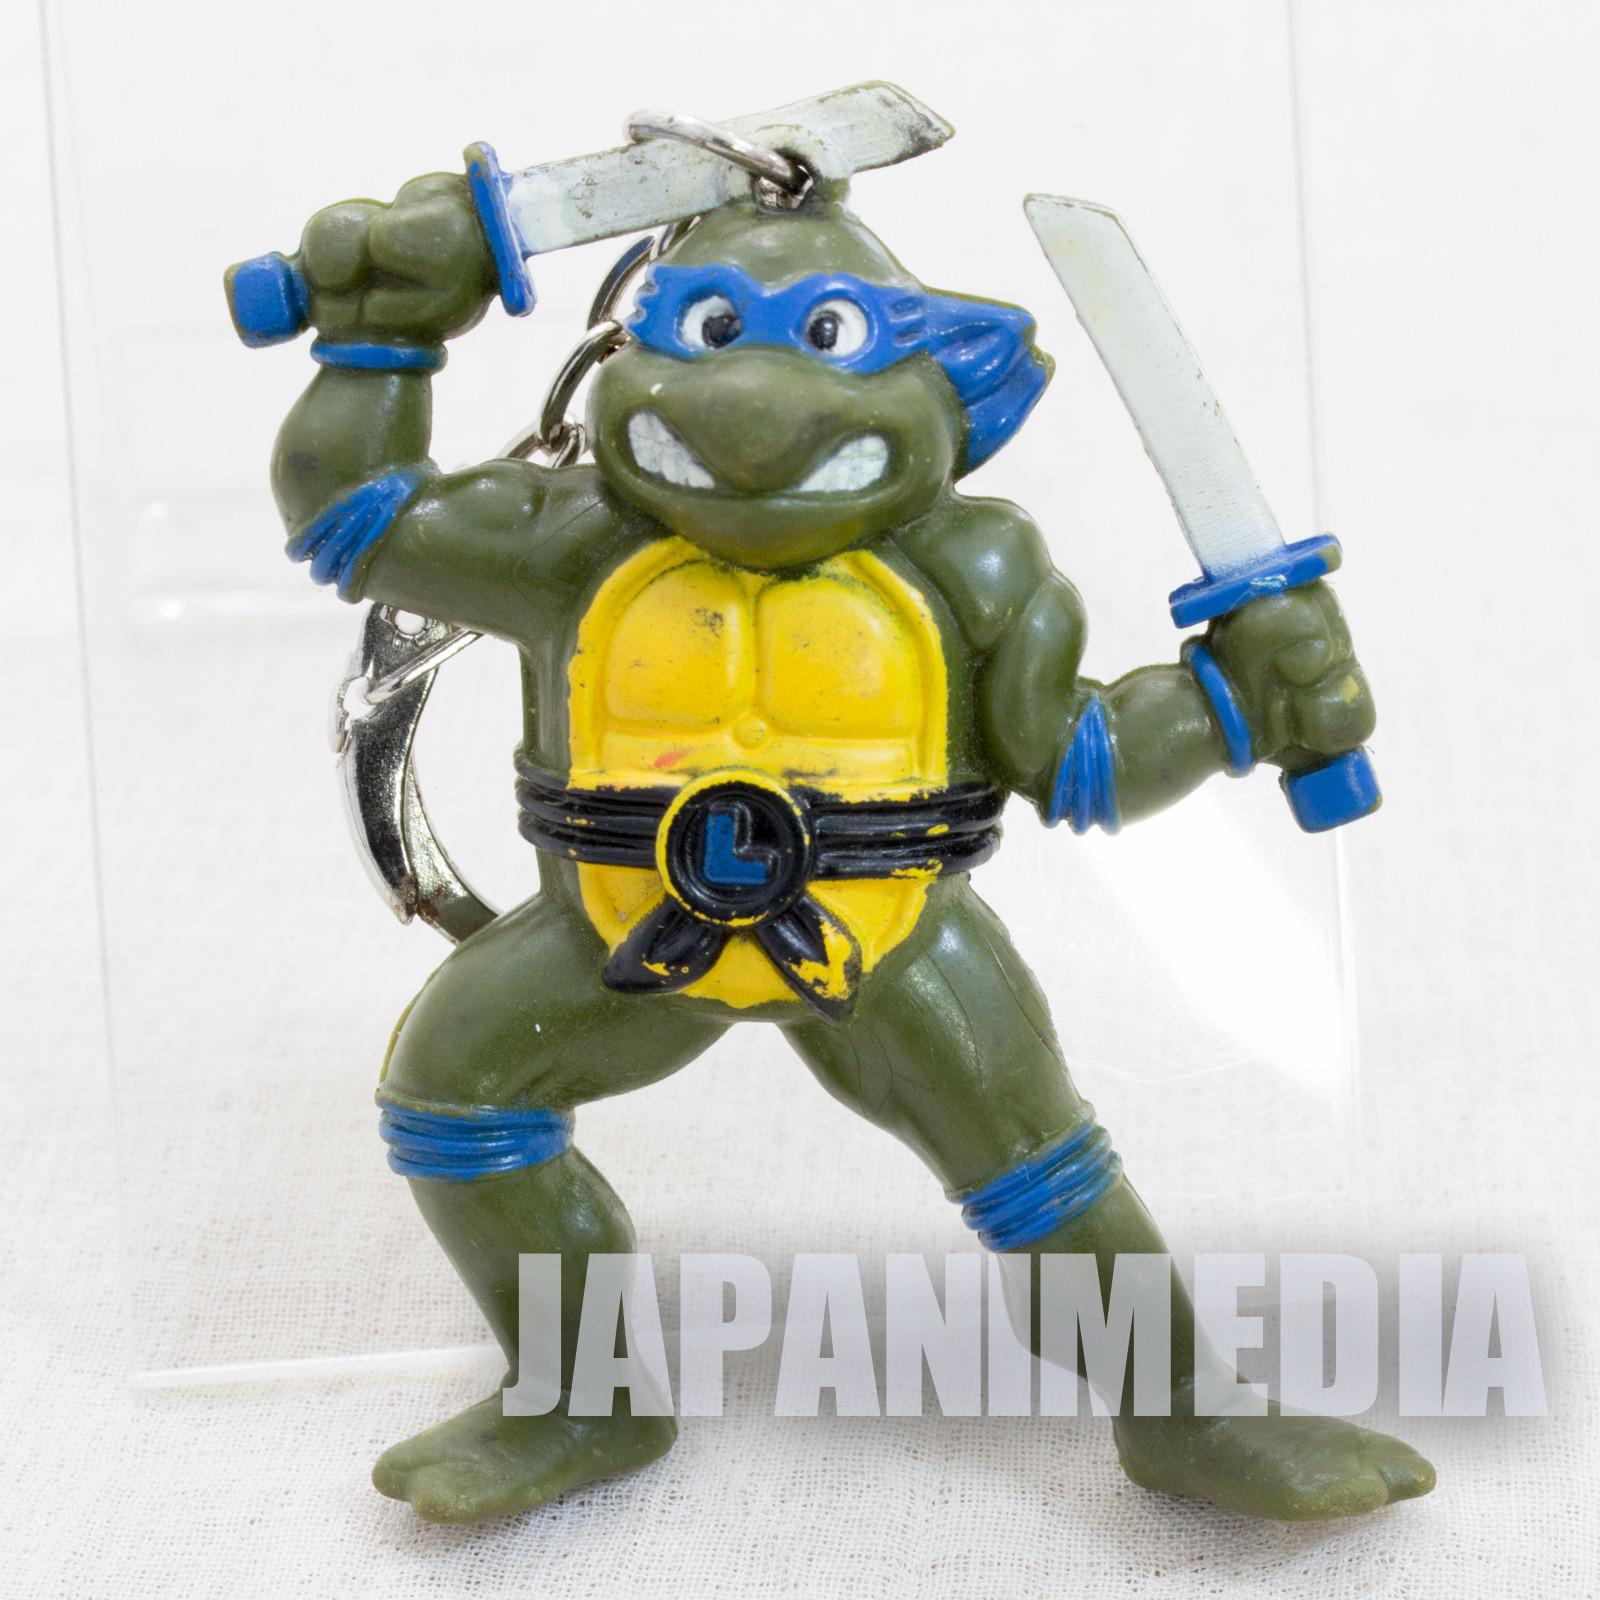 Retro RARE TMNT Teenage Mutant Ninja Turtles Leonardo Figure Key Chain 1994